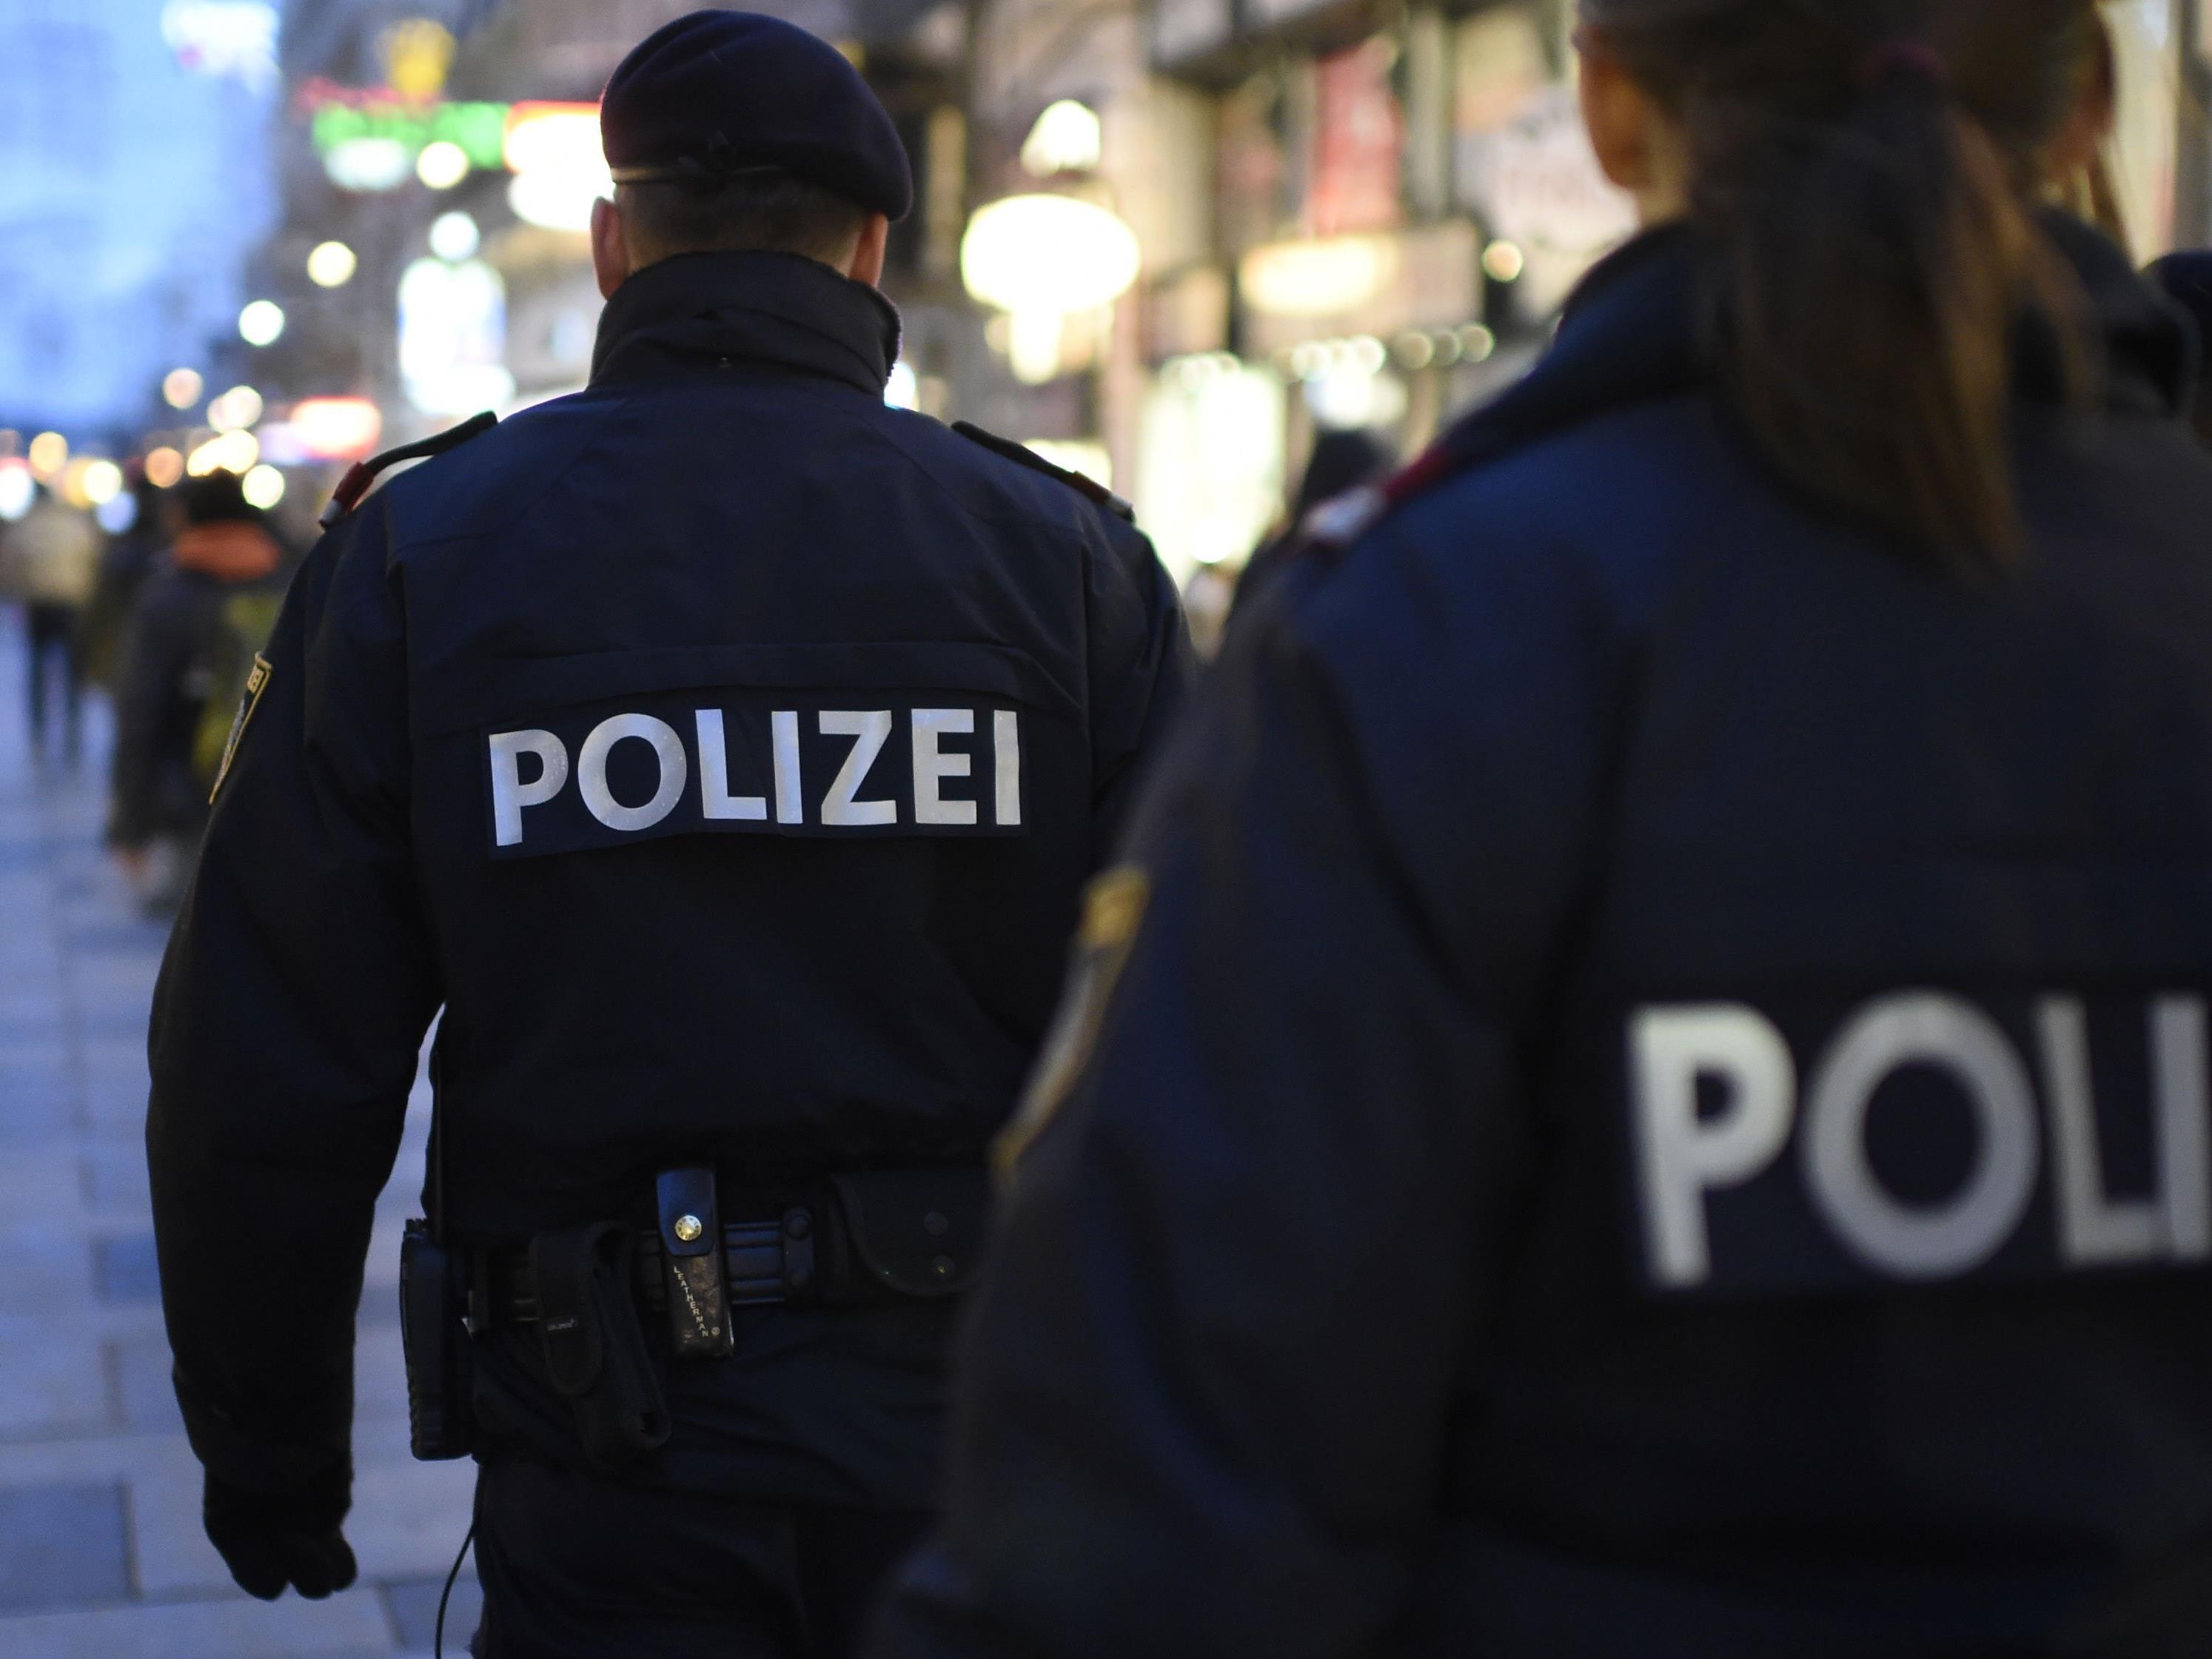 Eine versuchte Messer-Attacke rief die Wiener Polizei auf den Plan